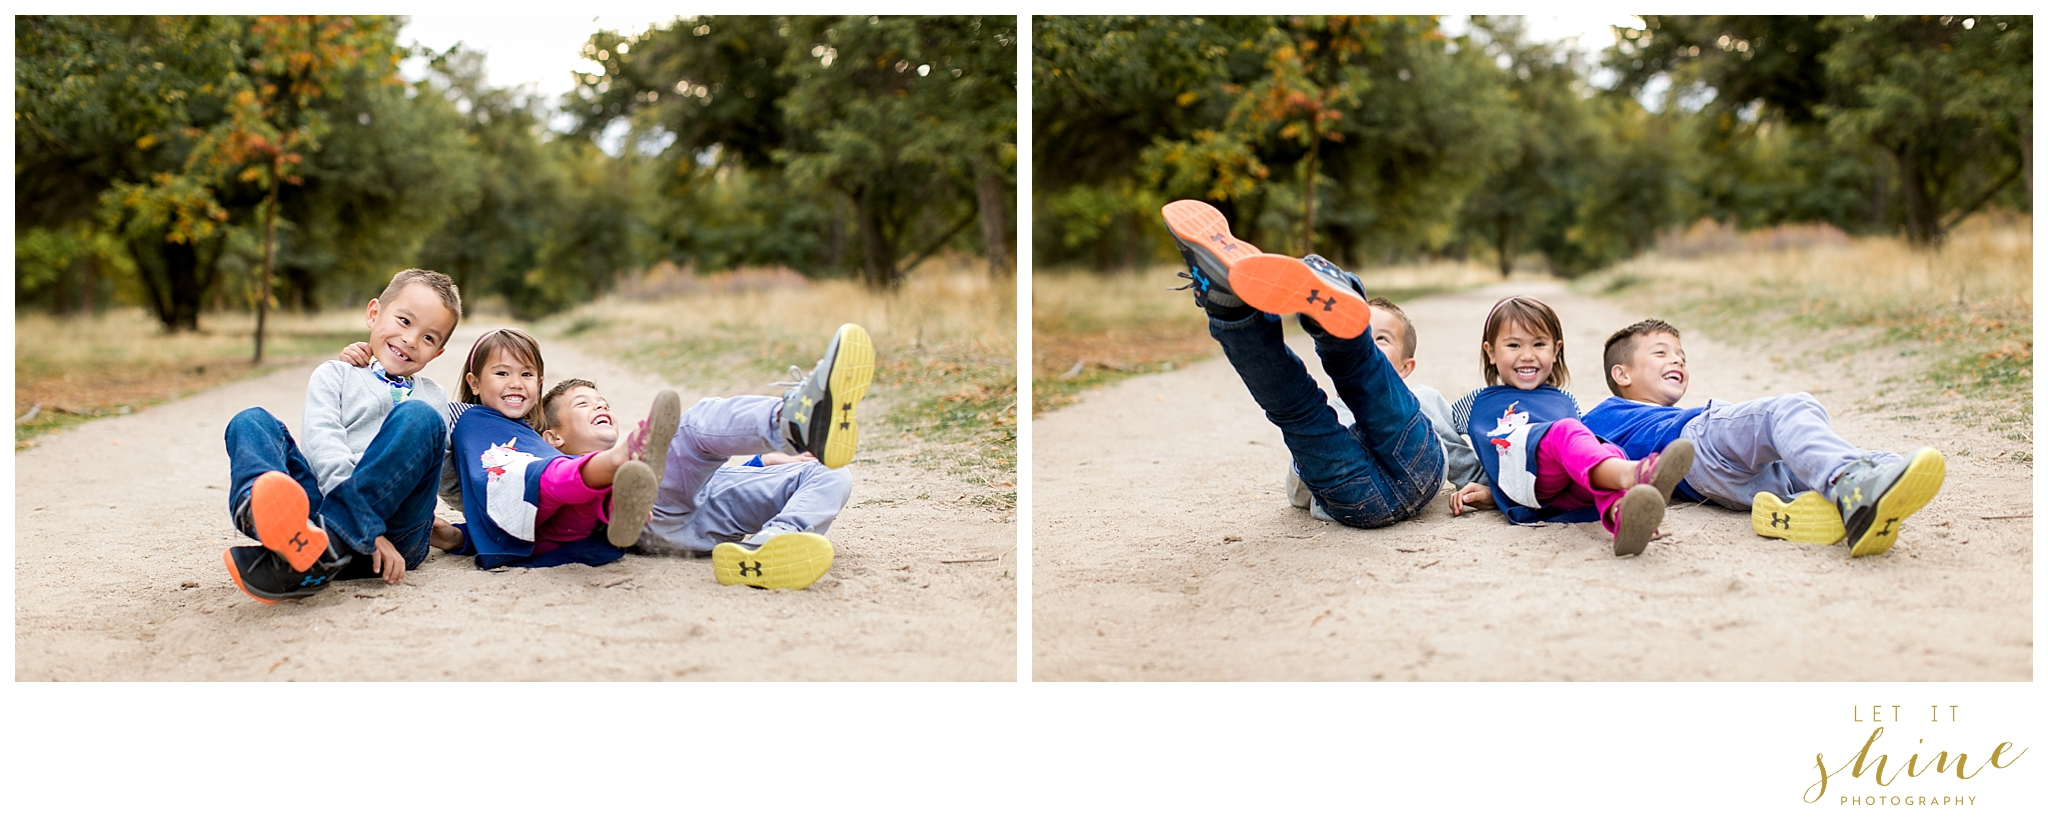 Boise Fall Family Photographer-17.jpg